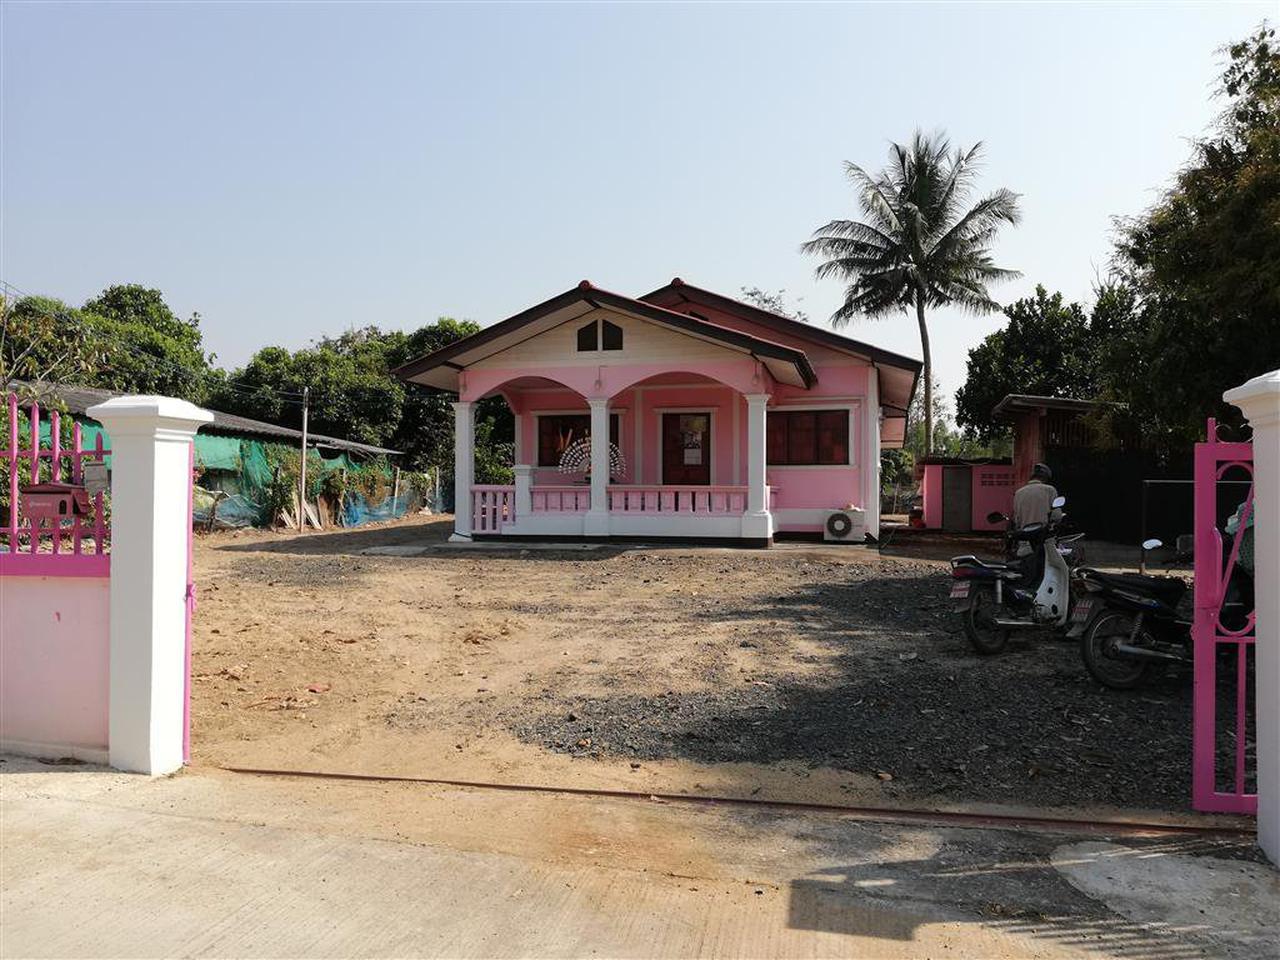 SS156ขายบ้านชั้นเดียวพร้อมที่ดิน0-2-09ไร่ติดทางสาธารณประโยชน รูปที่ 6